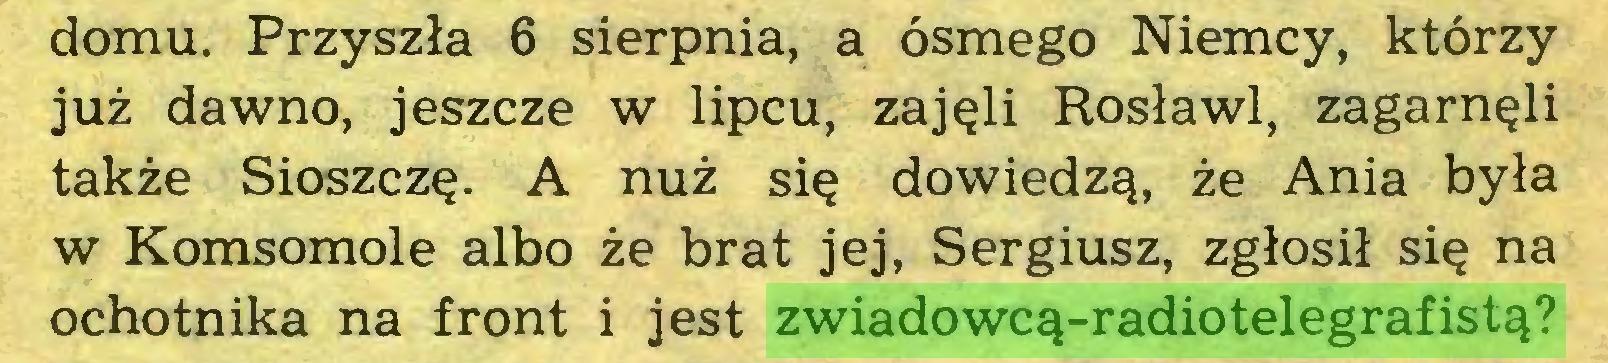 (...) domu. Przyszła 6 sierpnia, a ósmego Niemcy, którzy już dawno, jeszcze w lipcu, zajęli Rosławl, zagarnęli także Sioszczę. A nuż się dowiedzą, że Ania była w Komsomole albo że brat jej, Sergiusz, zgłosił się na ochotnika na front i jest zwiadowcą-radiotelegrafistą?...